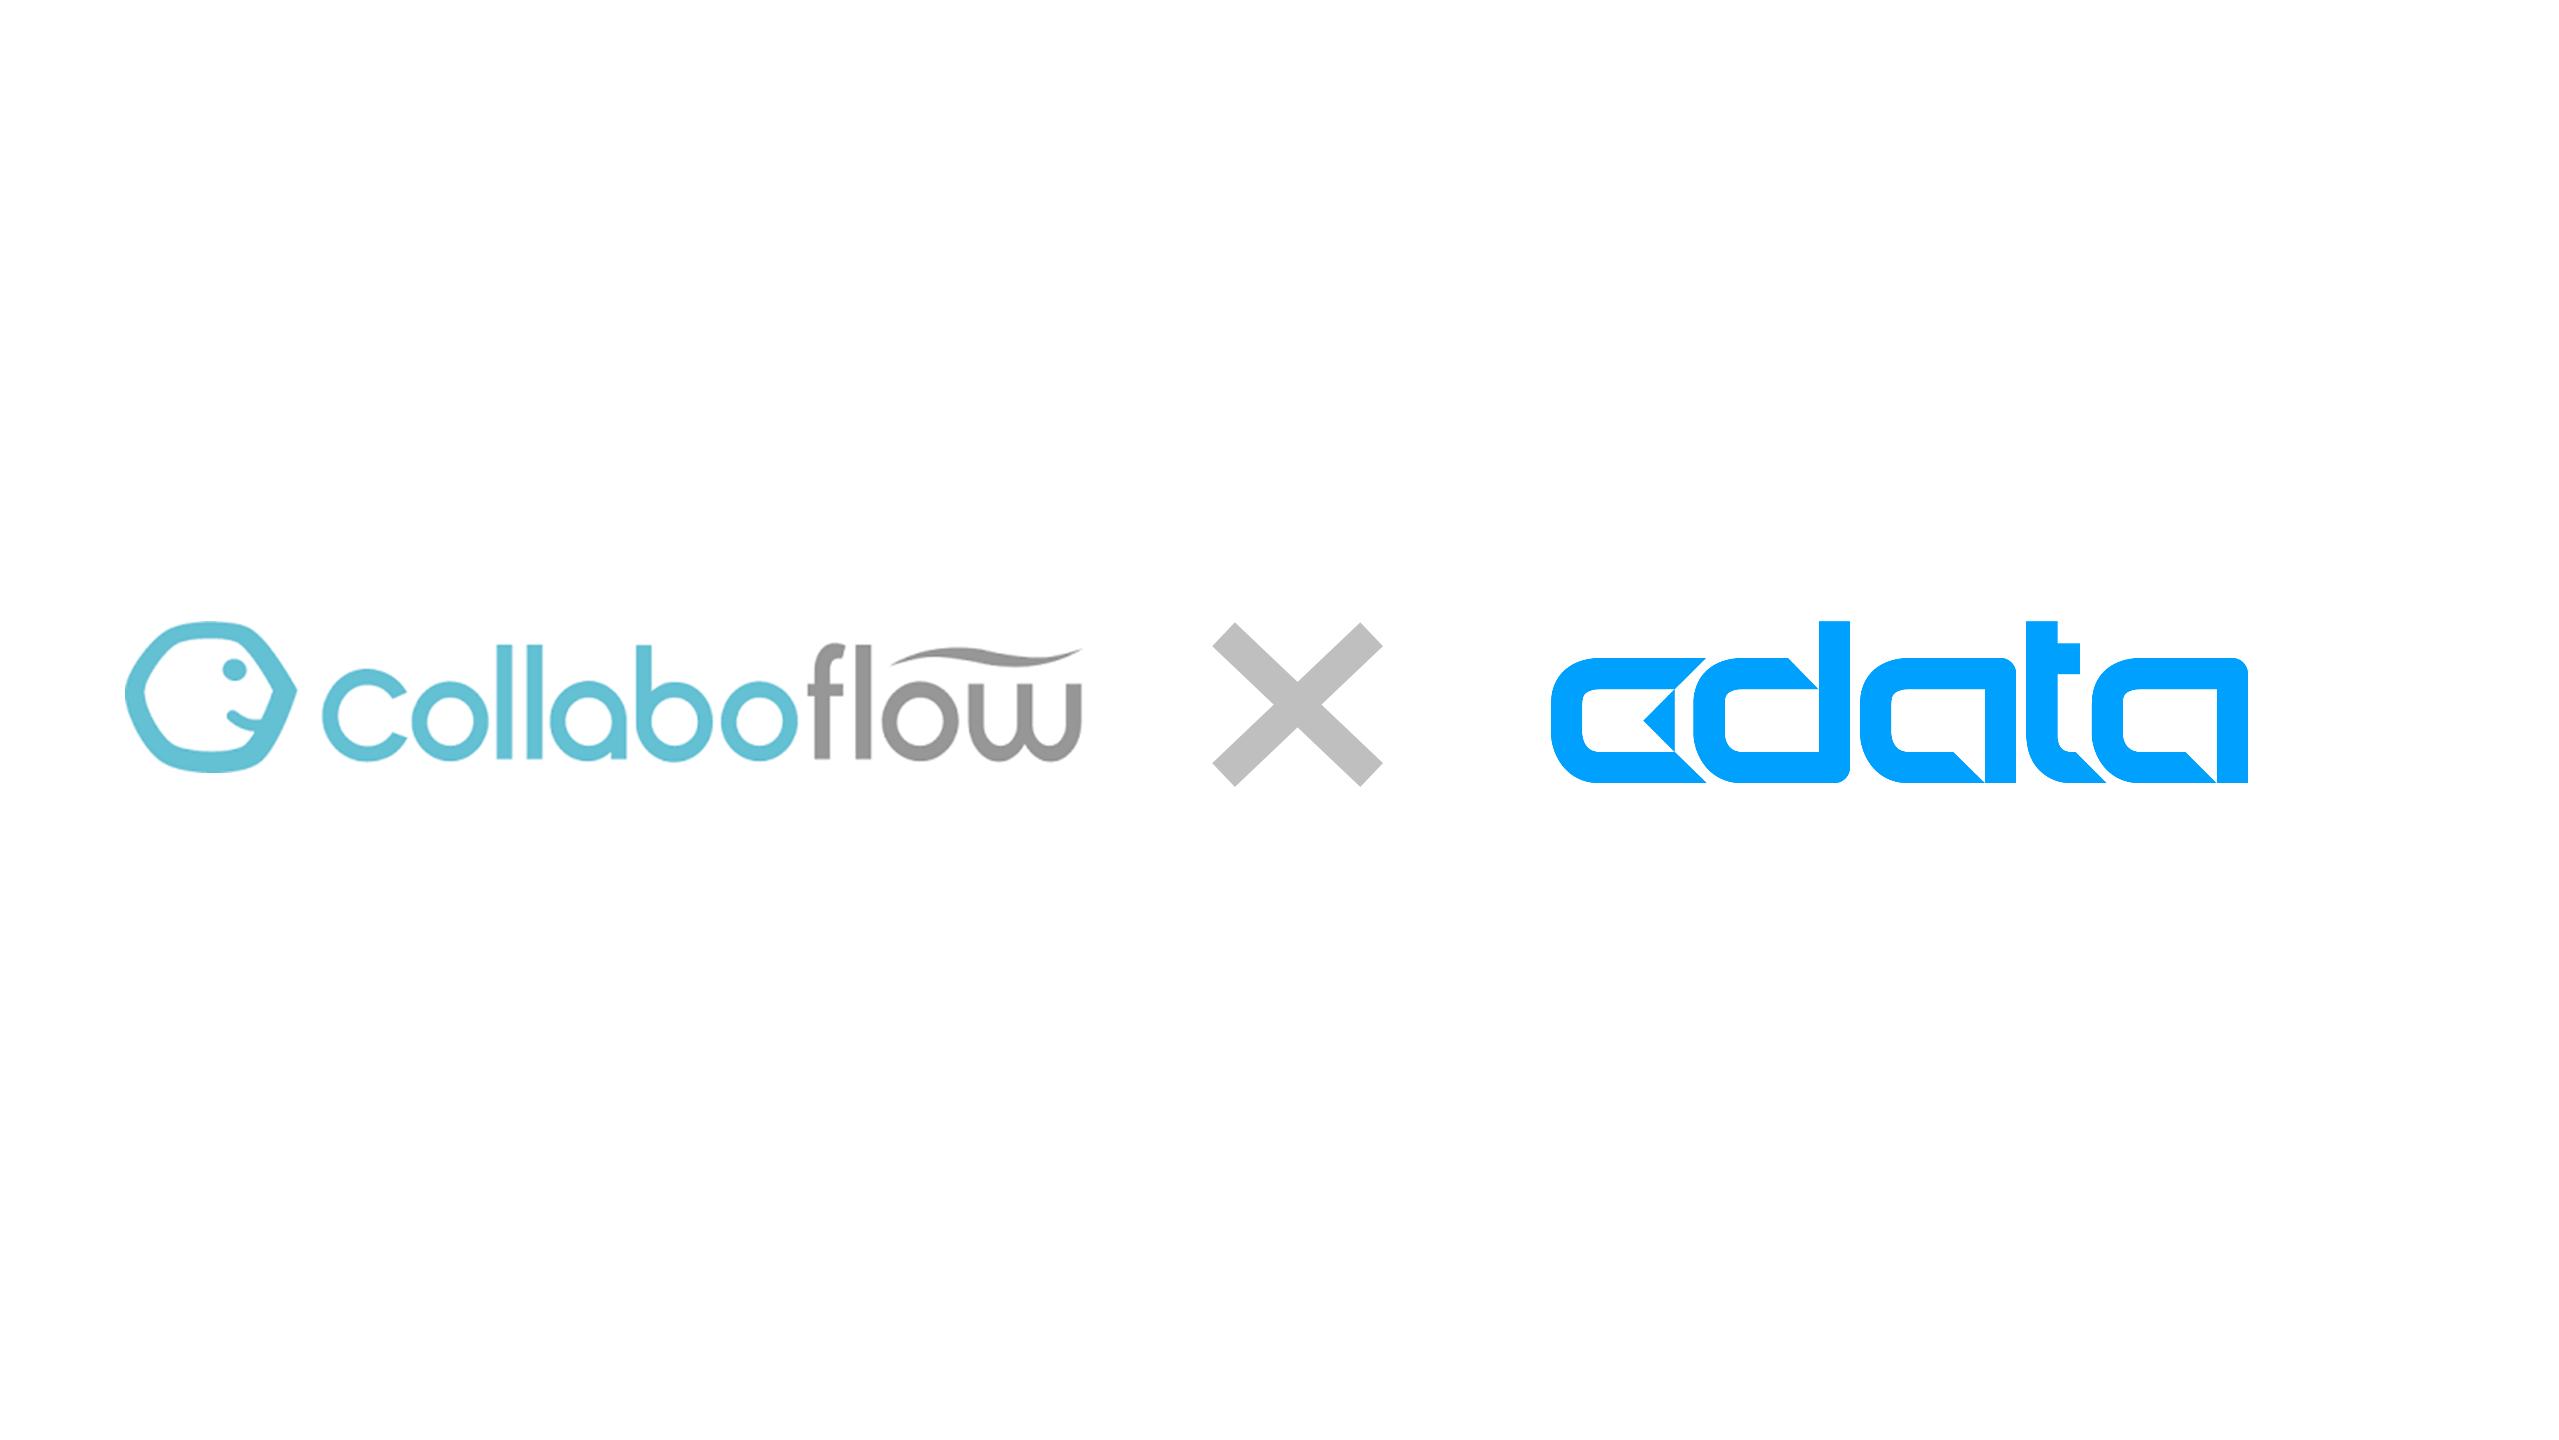 CDataとコラボスタイルが提携し、クラウドワークフローシステム「コラボフロー」でオンプレミスRDB など200 ...